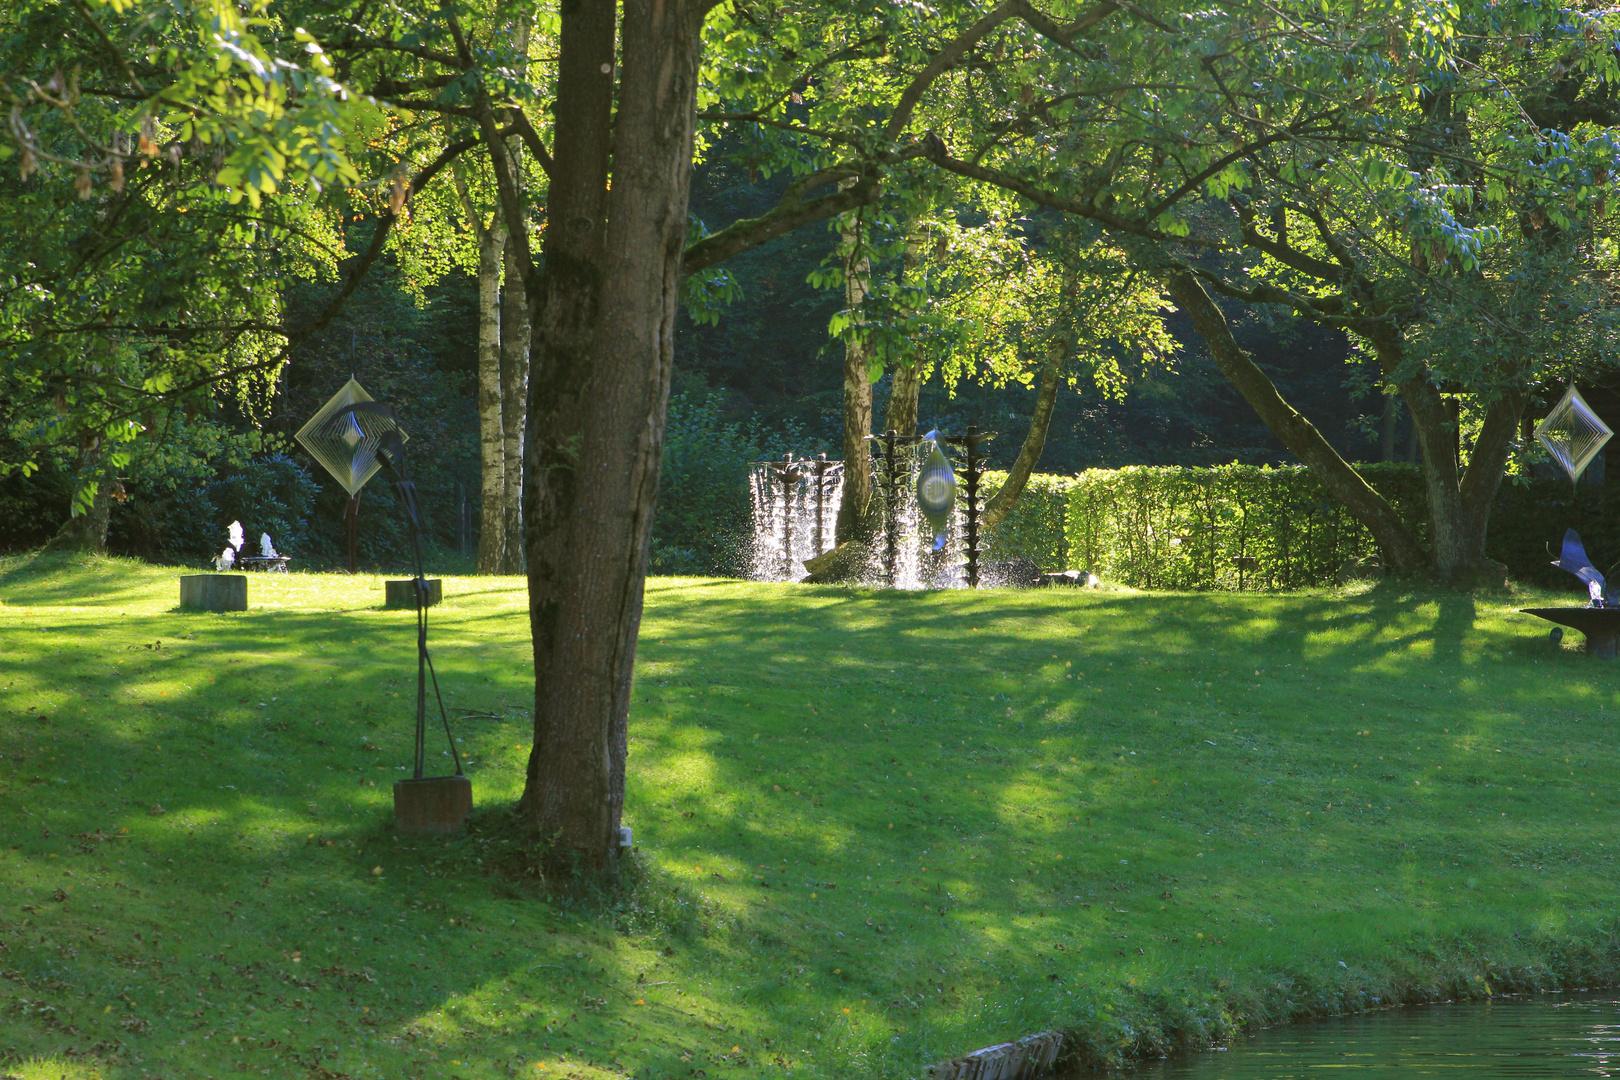 Skulpturenpark Klute - Waldemai in Niedersorpe bei Schmallenberg im Hochsauerland 30